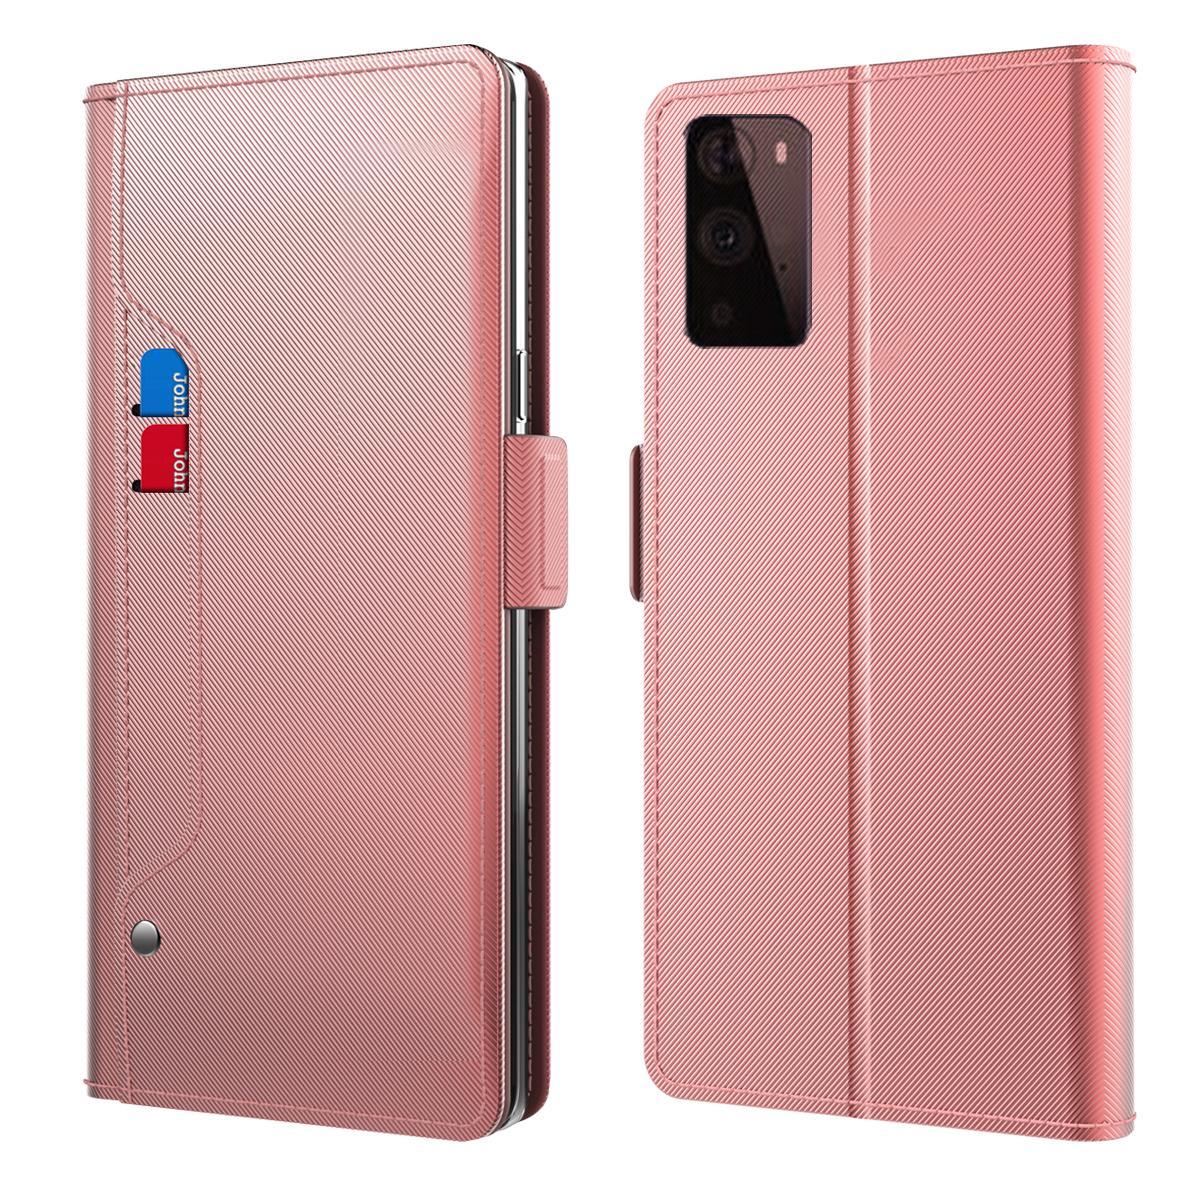 Lommebokdeksel Speil OnePlus 9 Pro Rosa Gull